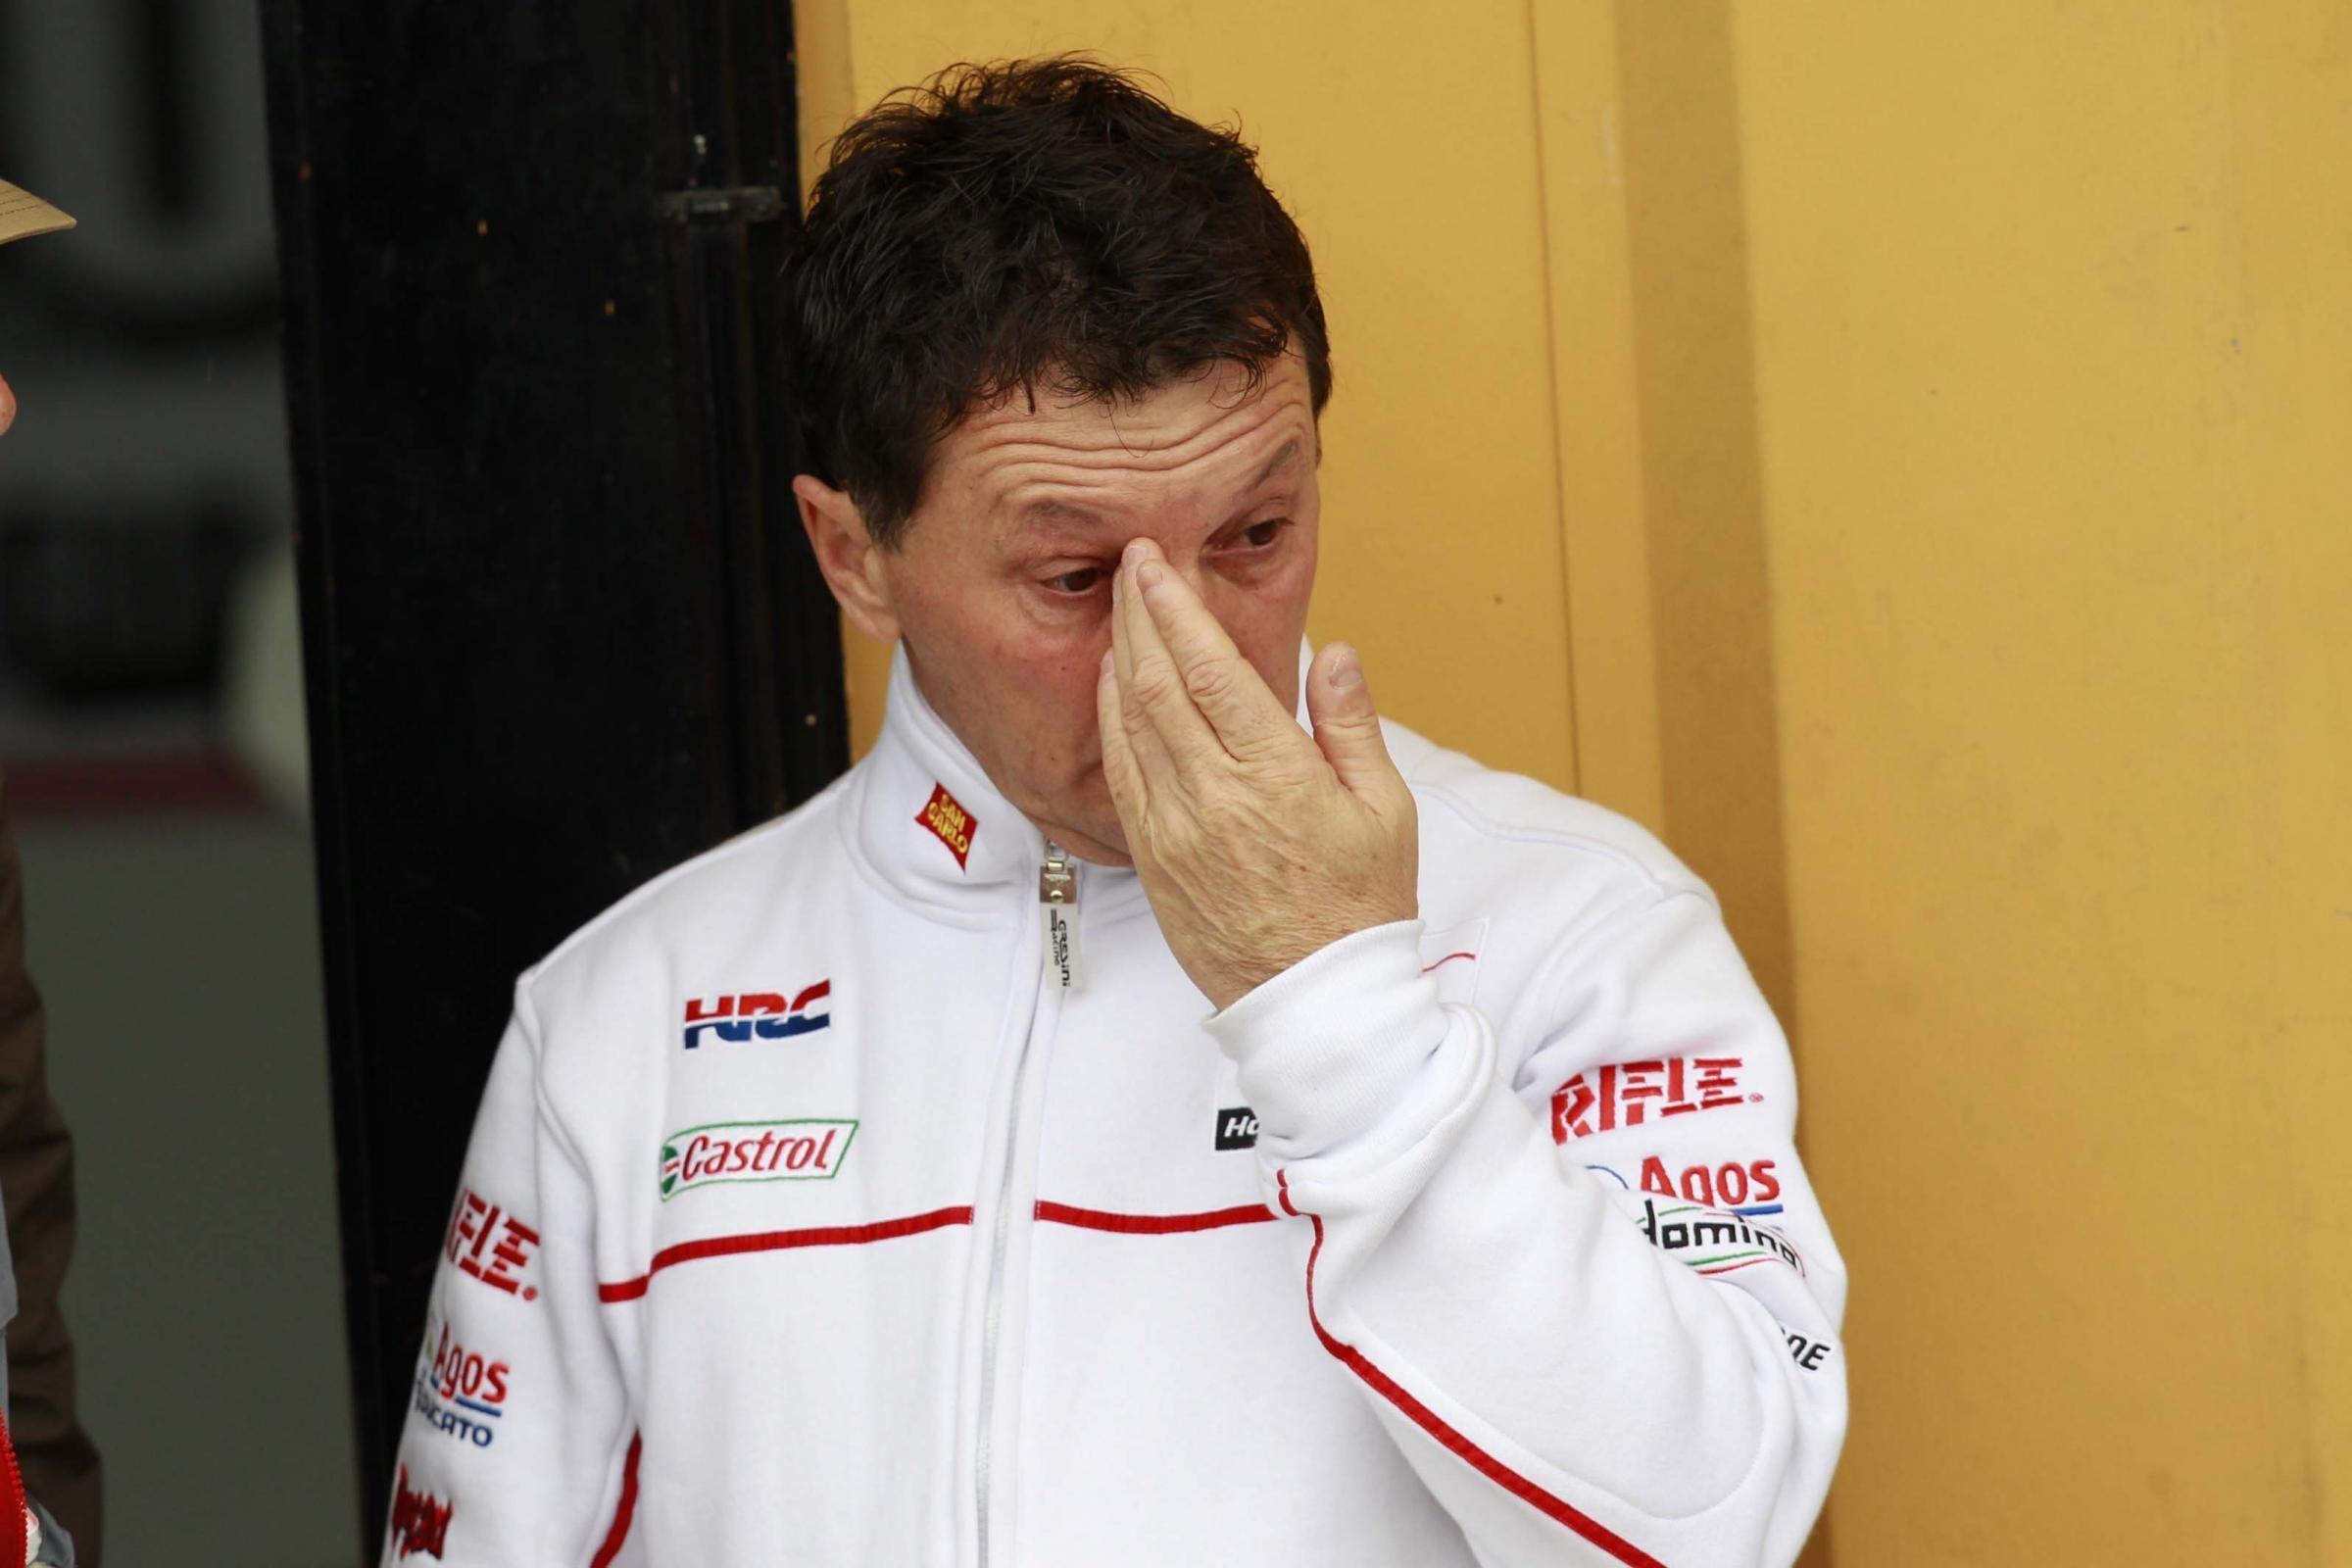 Fausto Gresini è di nuovo sedato: Peggioramento improvviso delle condizioni